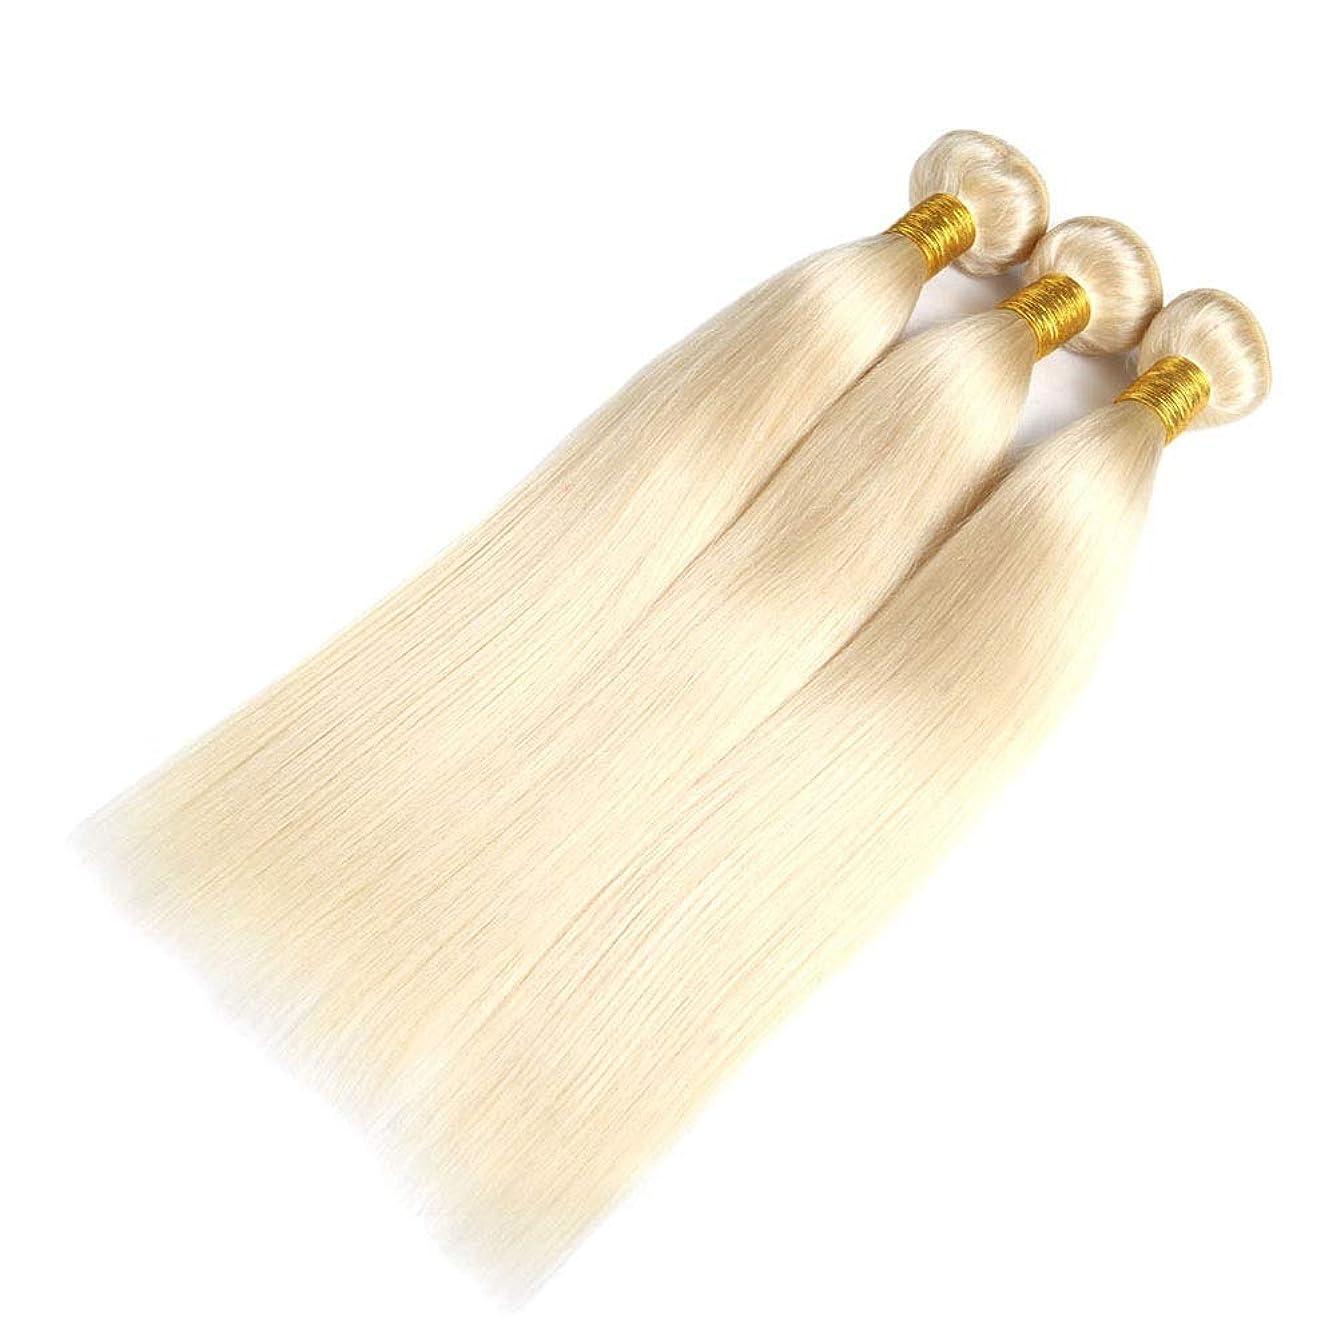 マガジンショッピングセンター殺しますBOBIDYEE 613金髪の絹のようなストレートブラジルのRemy人間の髪の毛の束金髪のエクステンション(10